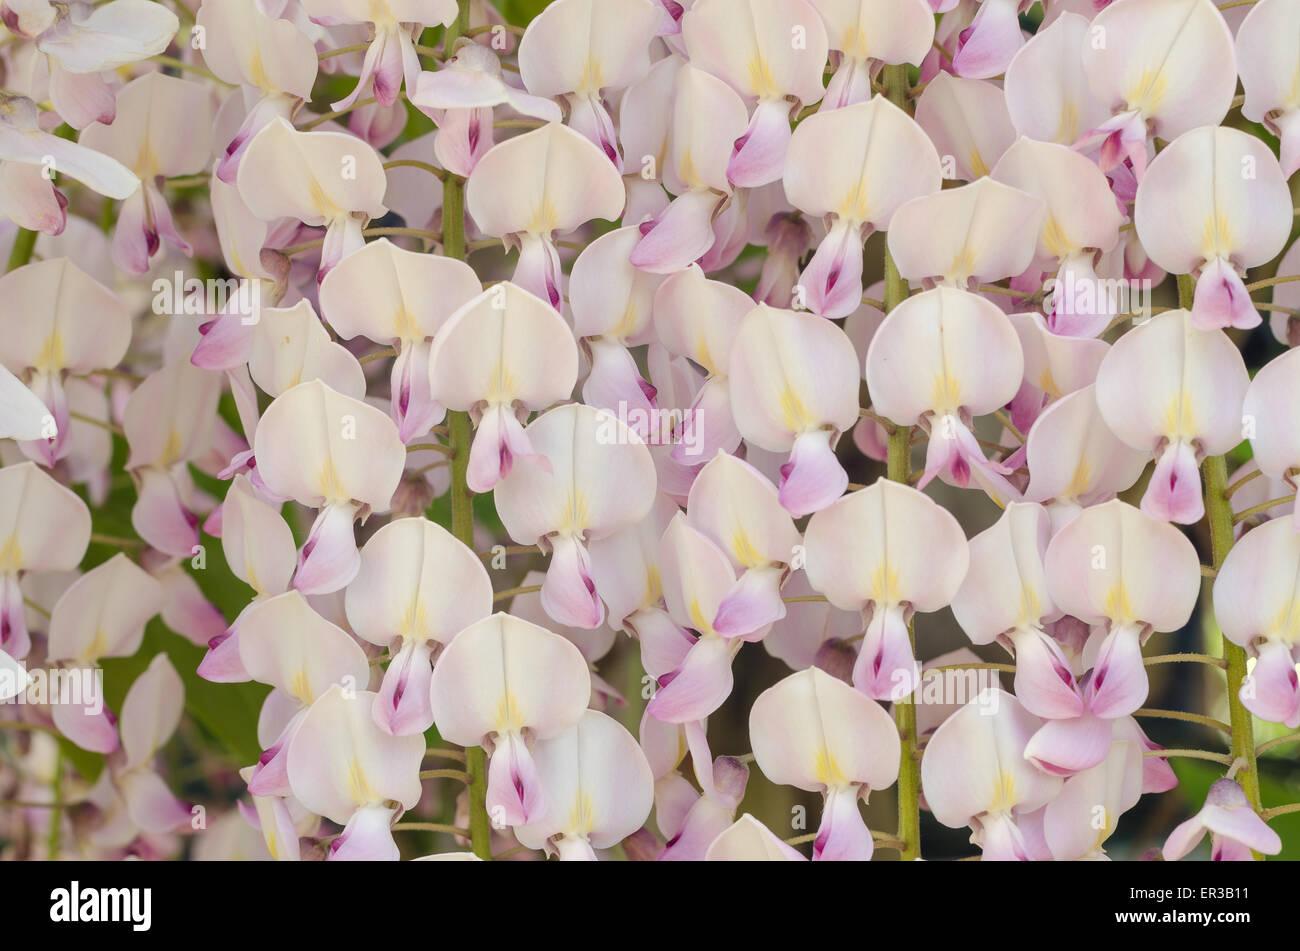 Delicato Colore Viola Pallido rows of wysteria immagini & rows of wysteria fotos stock - alamy